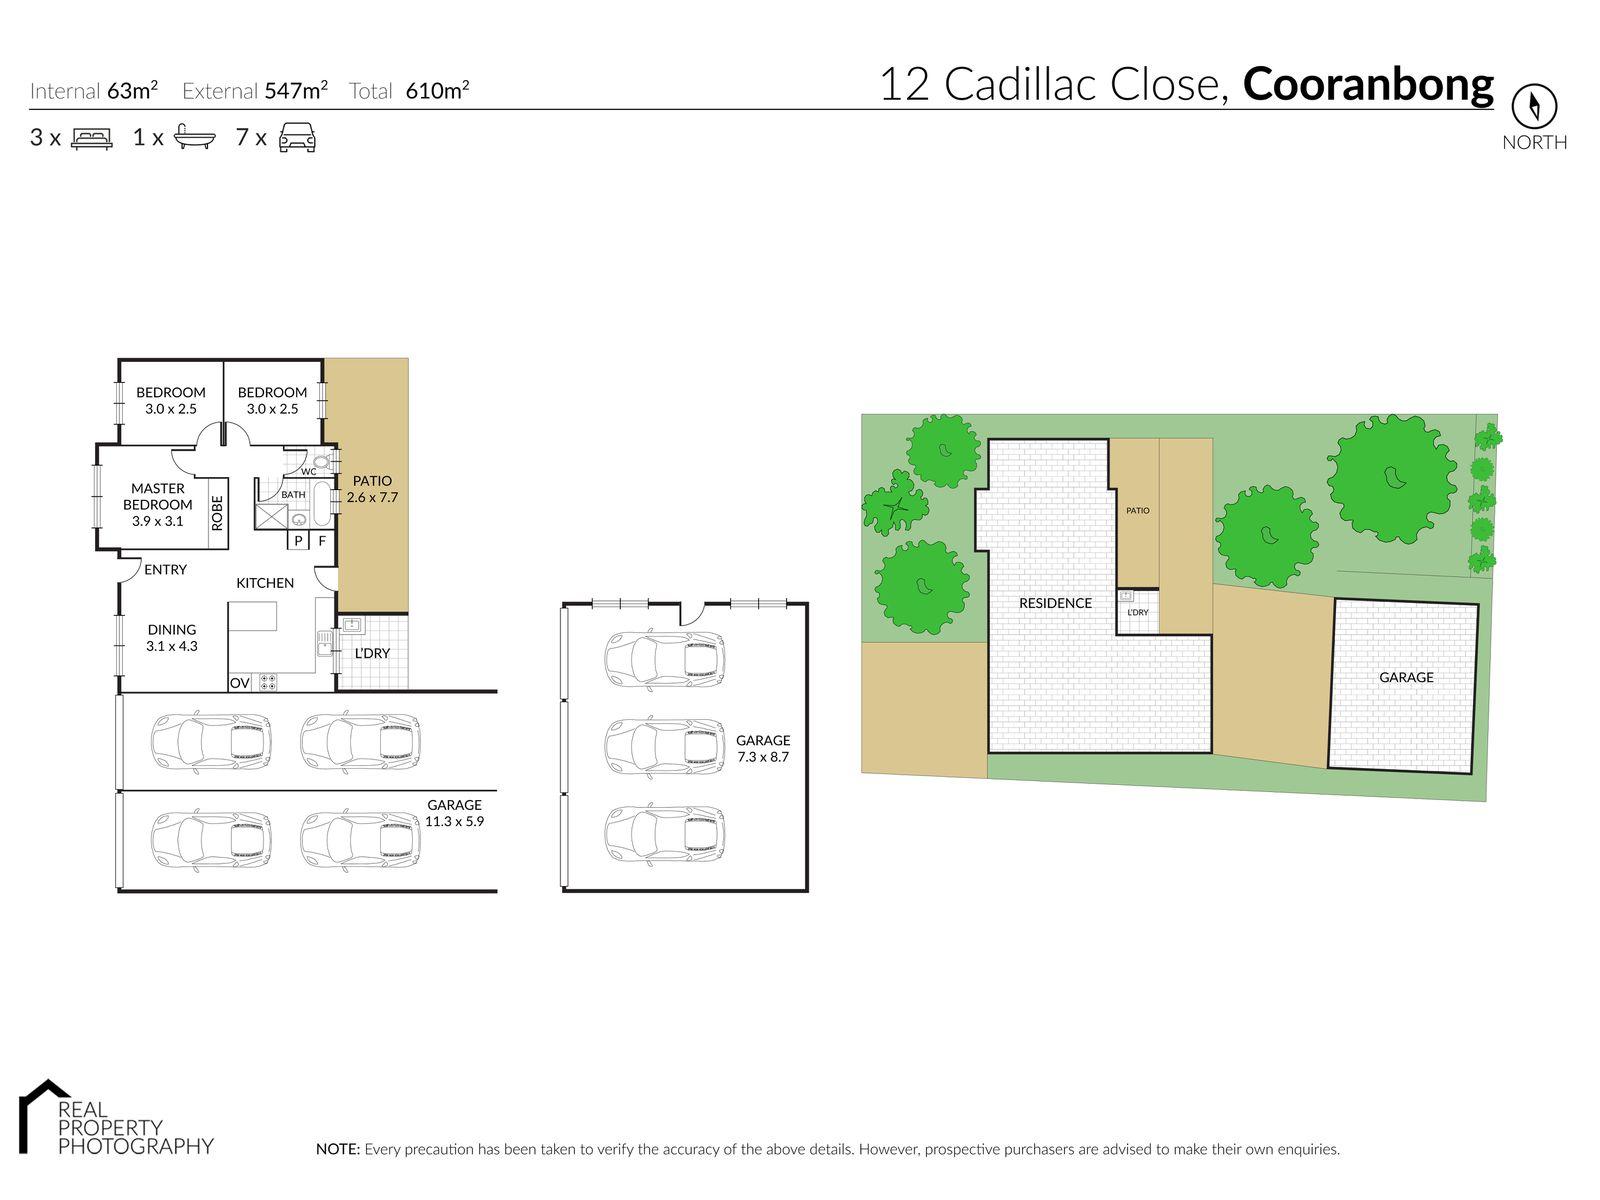 12 Cadillac Close, Cooranbong